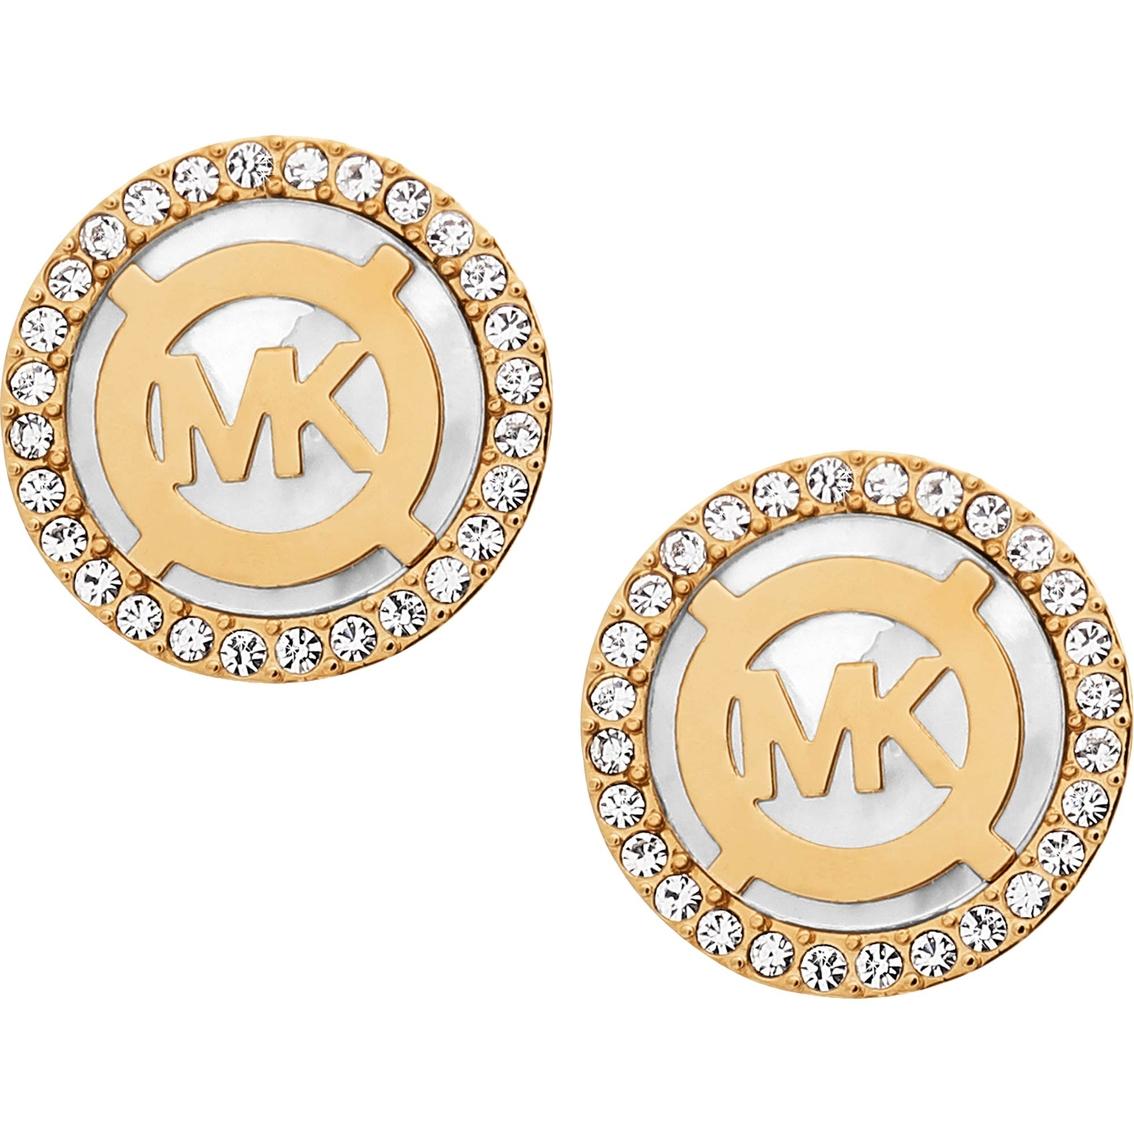 99739525d Michael Kors Mk Monogram Stud Earrings With Mother Of Pearl ...